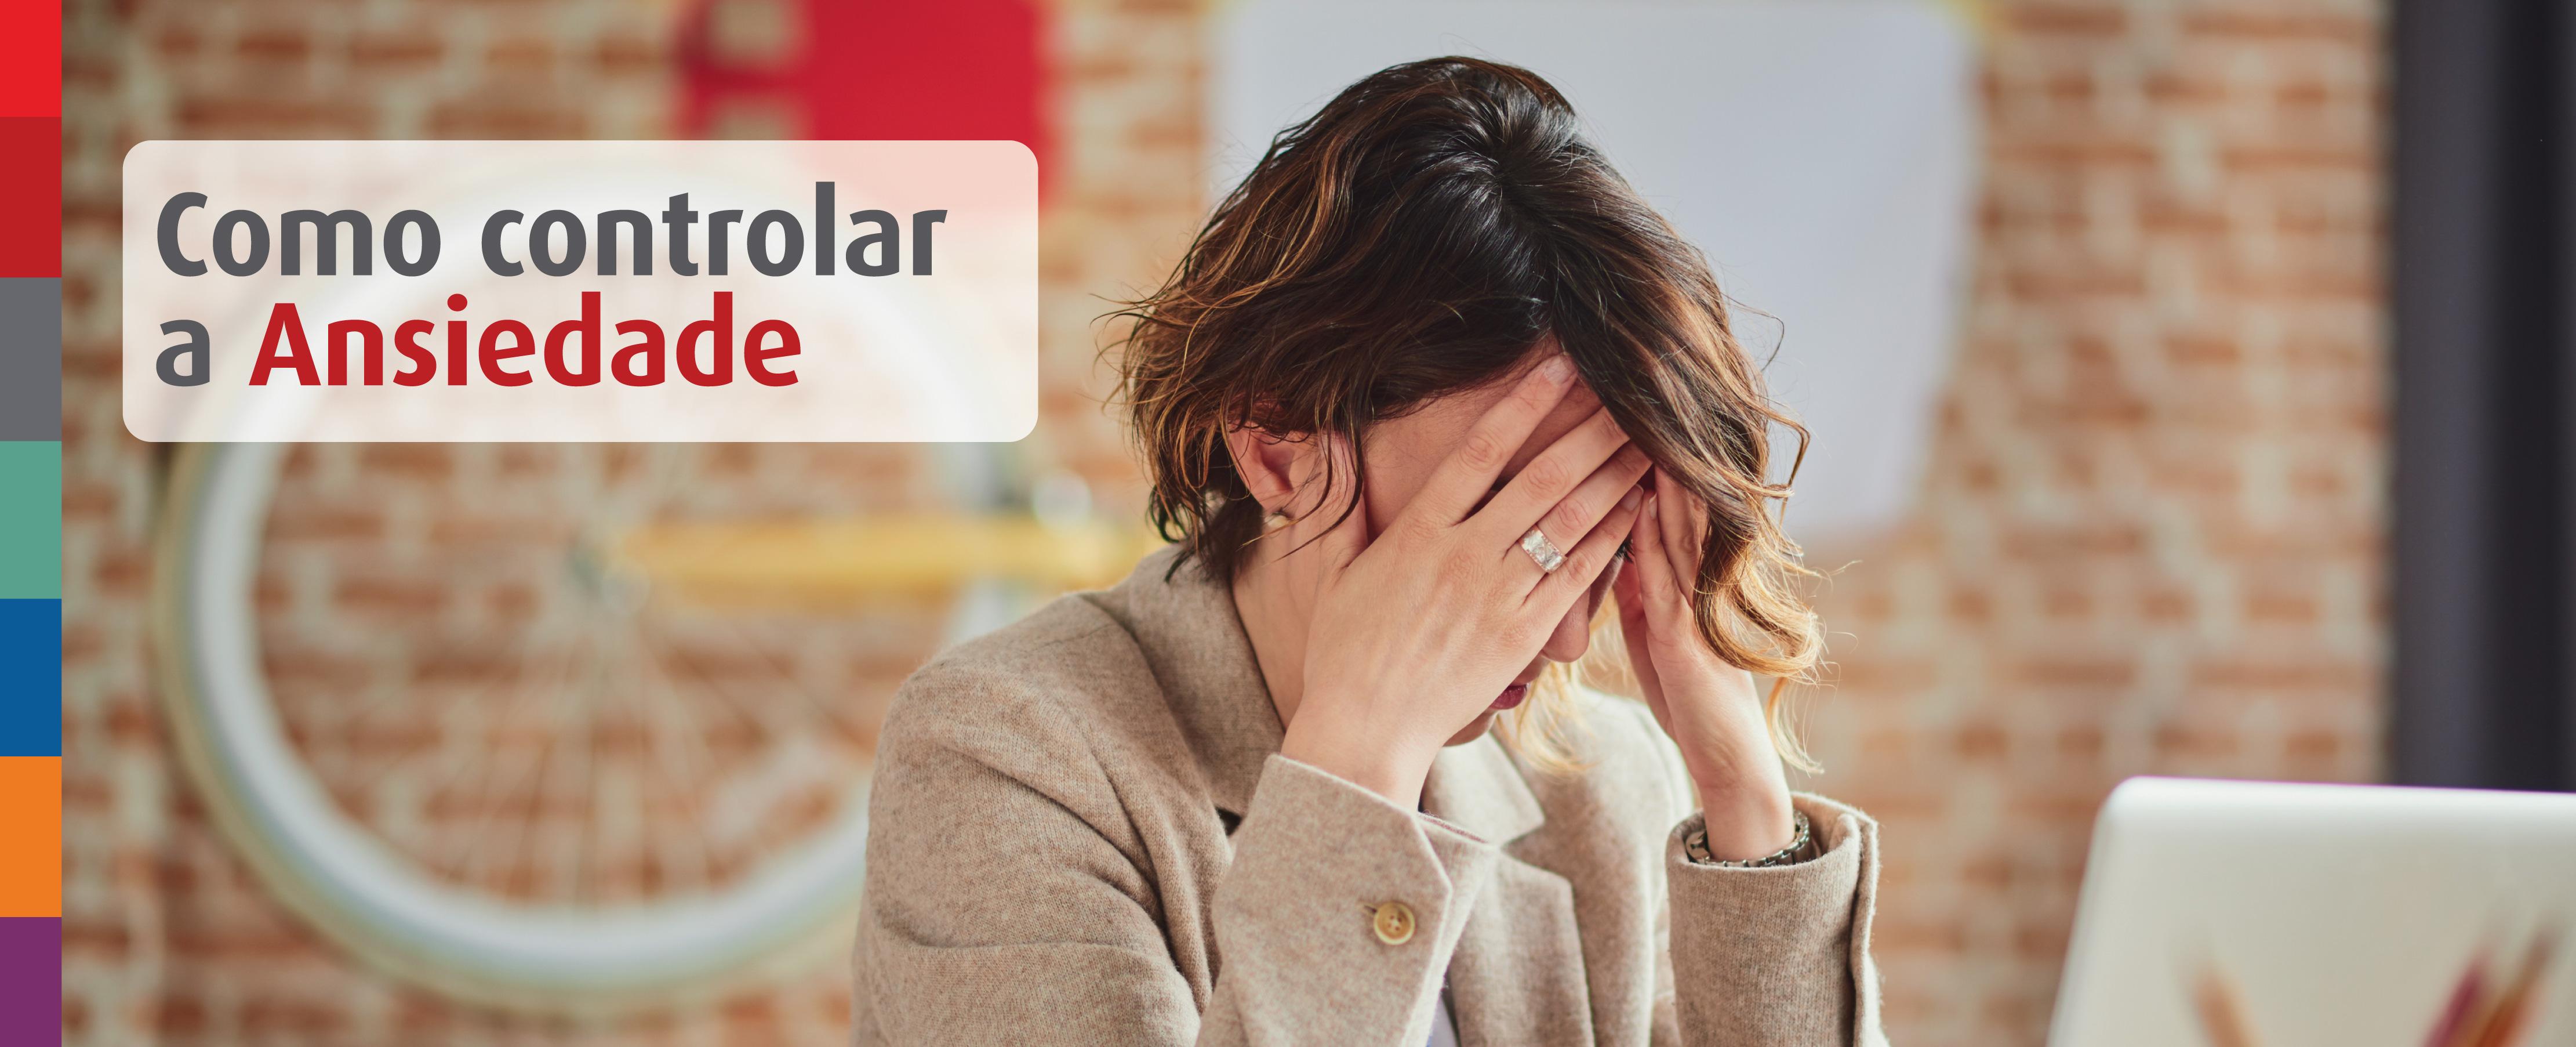 Ansiedade: saiba o que fazer para cuidar de sua saúde mental na quarentena